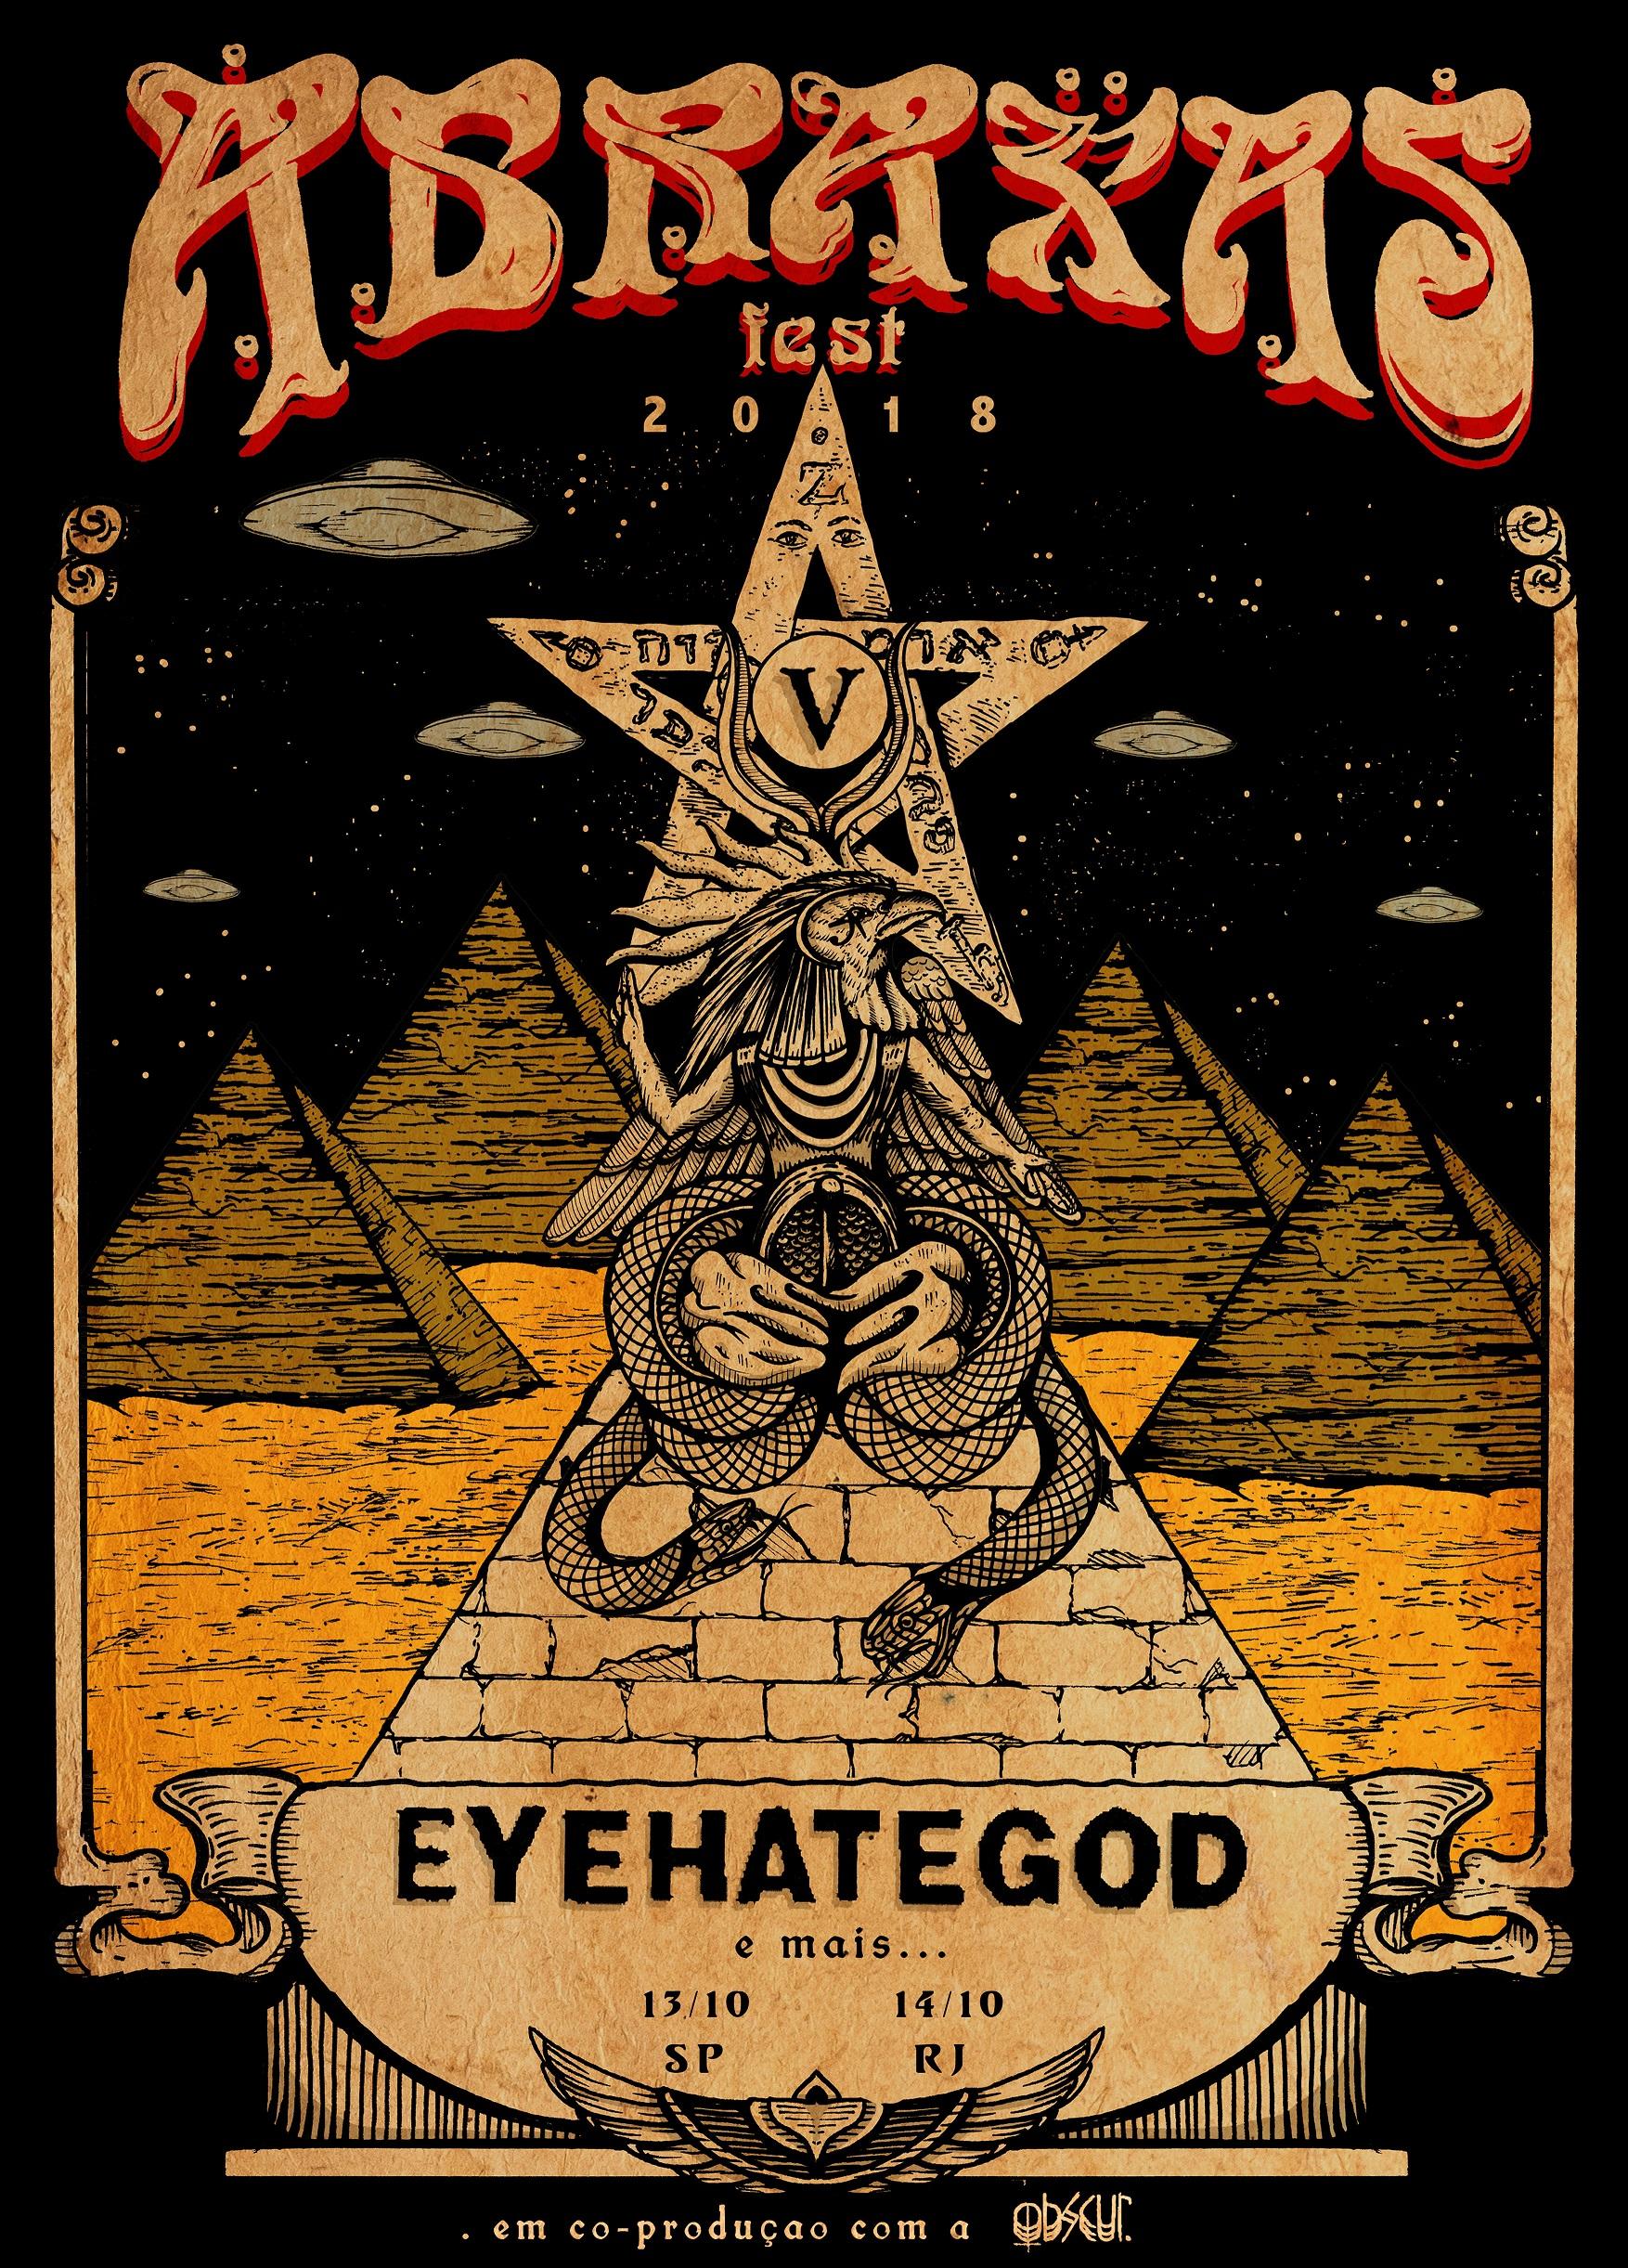 Eyehategod é a primeira atração confirmada no Abraxas Fest 2018